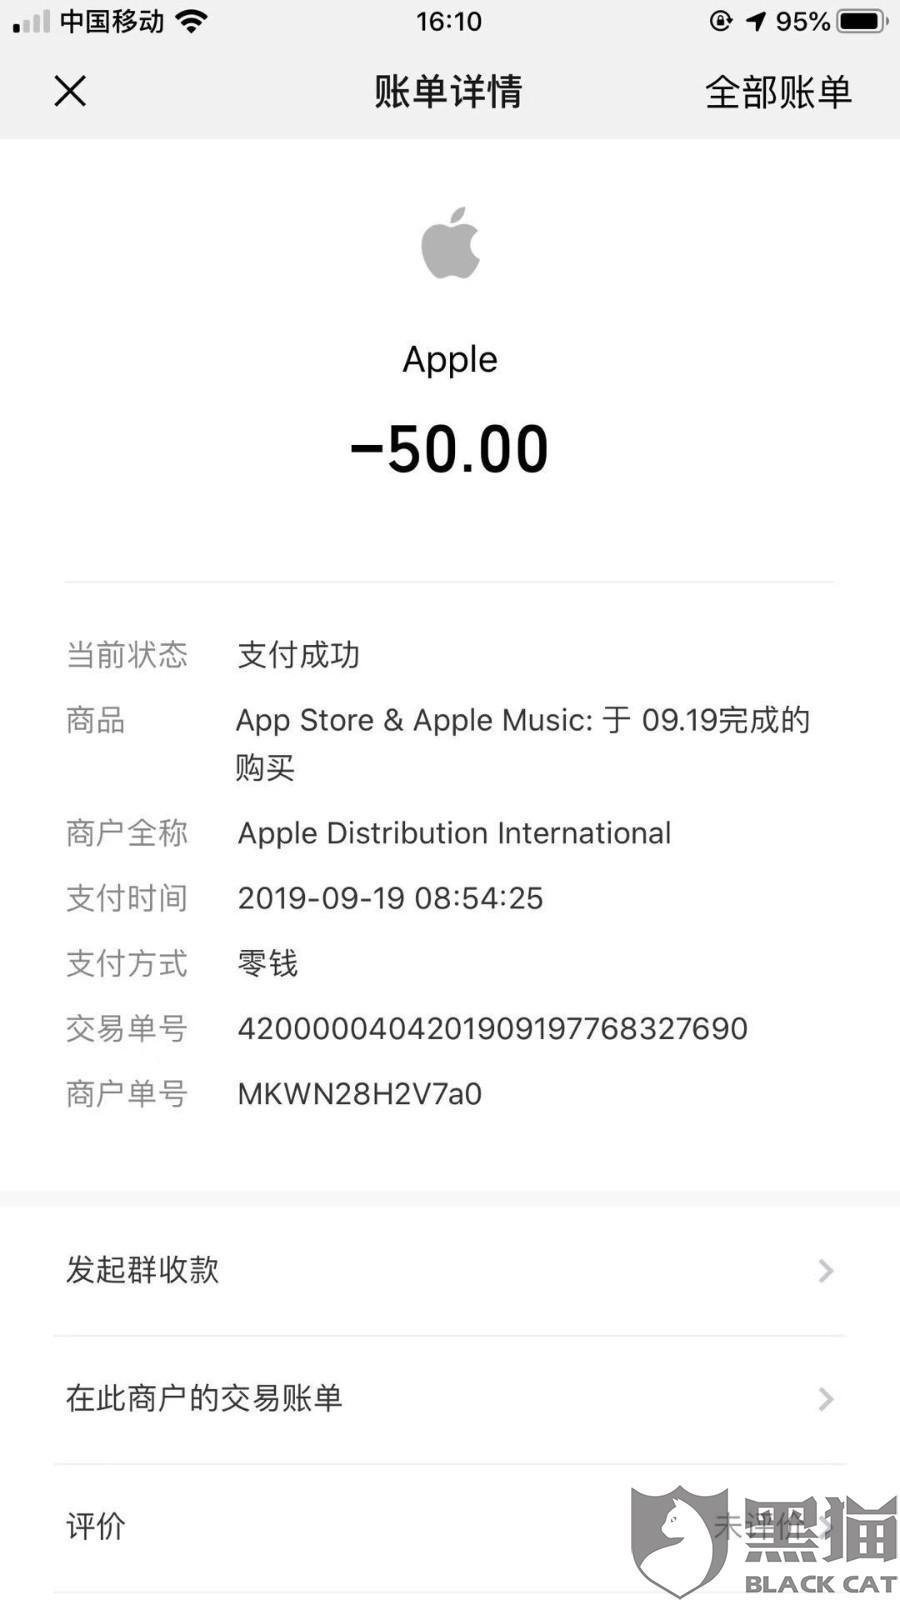 黑猫投诉:虎牙直播苹果ID充值不到账